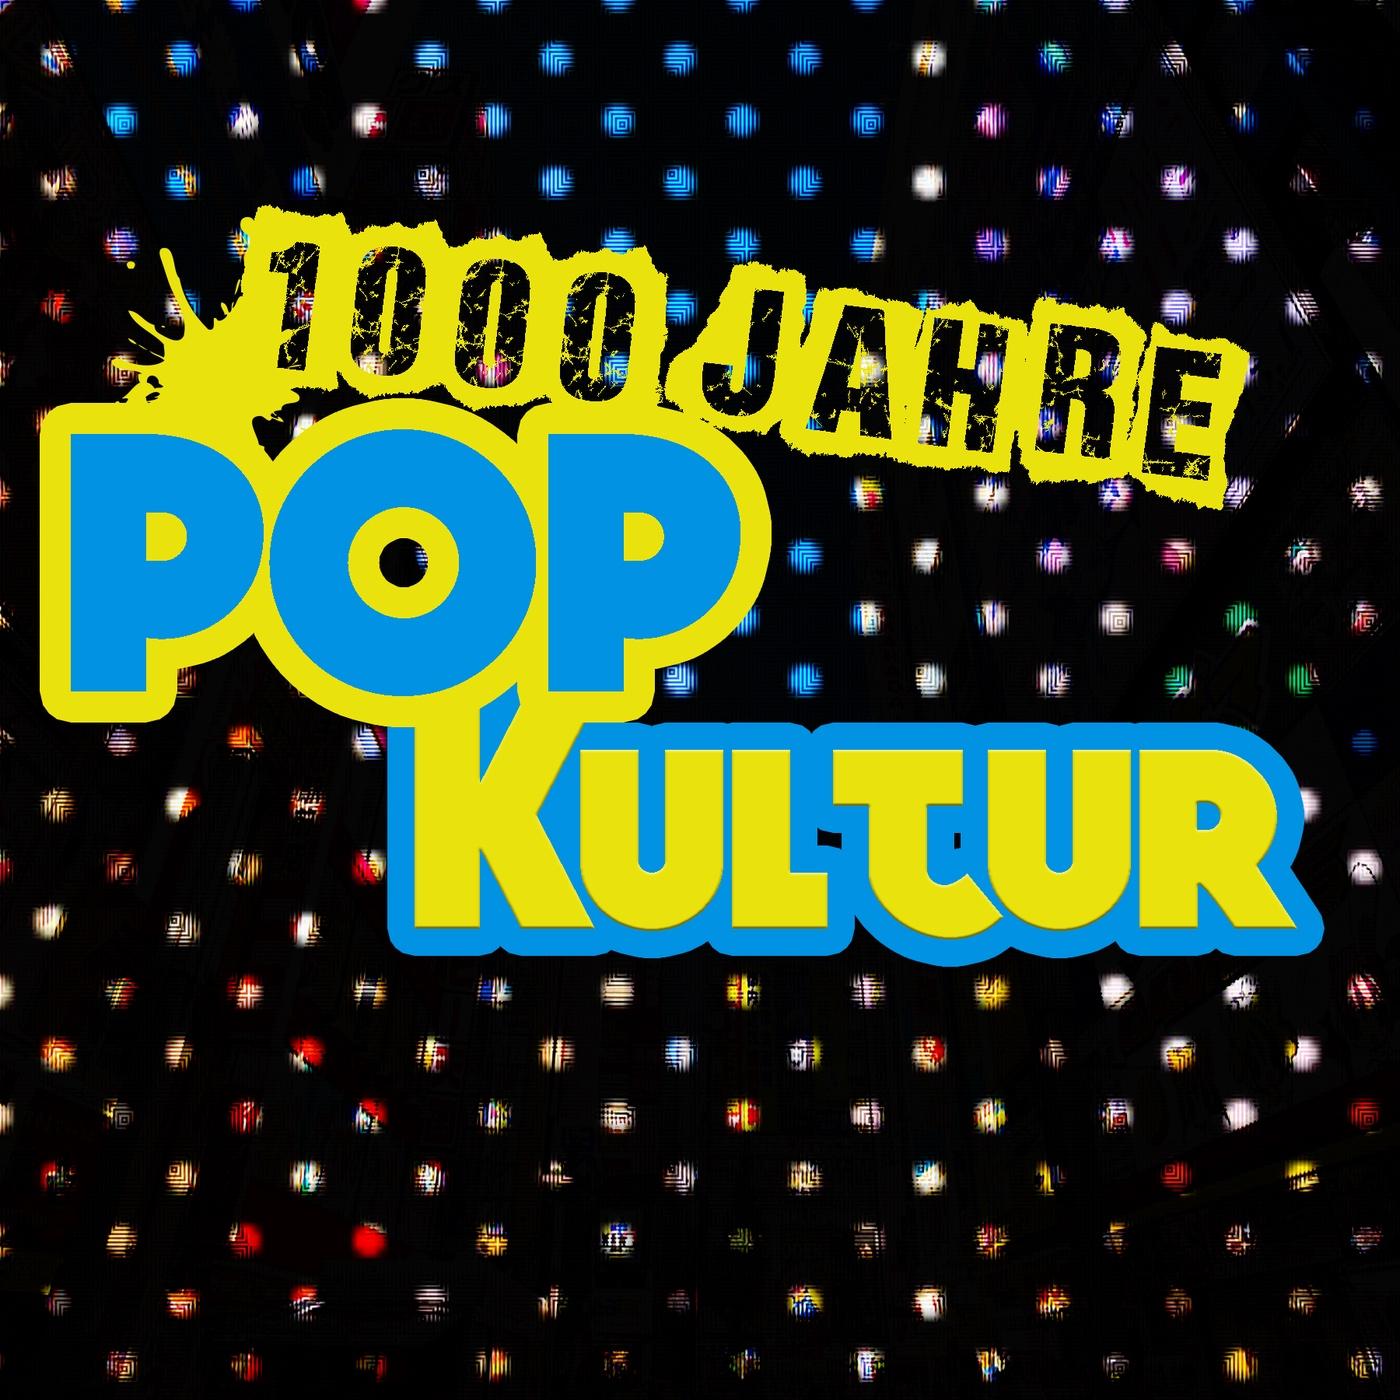 1000 Jahre Popkultur